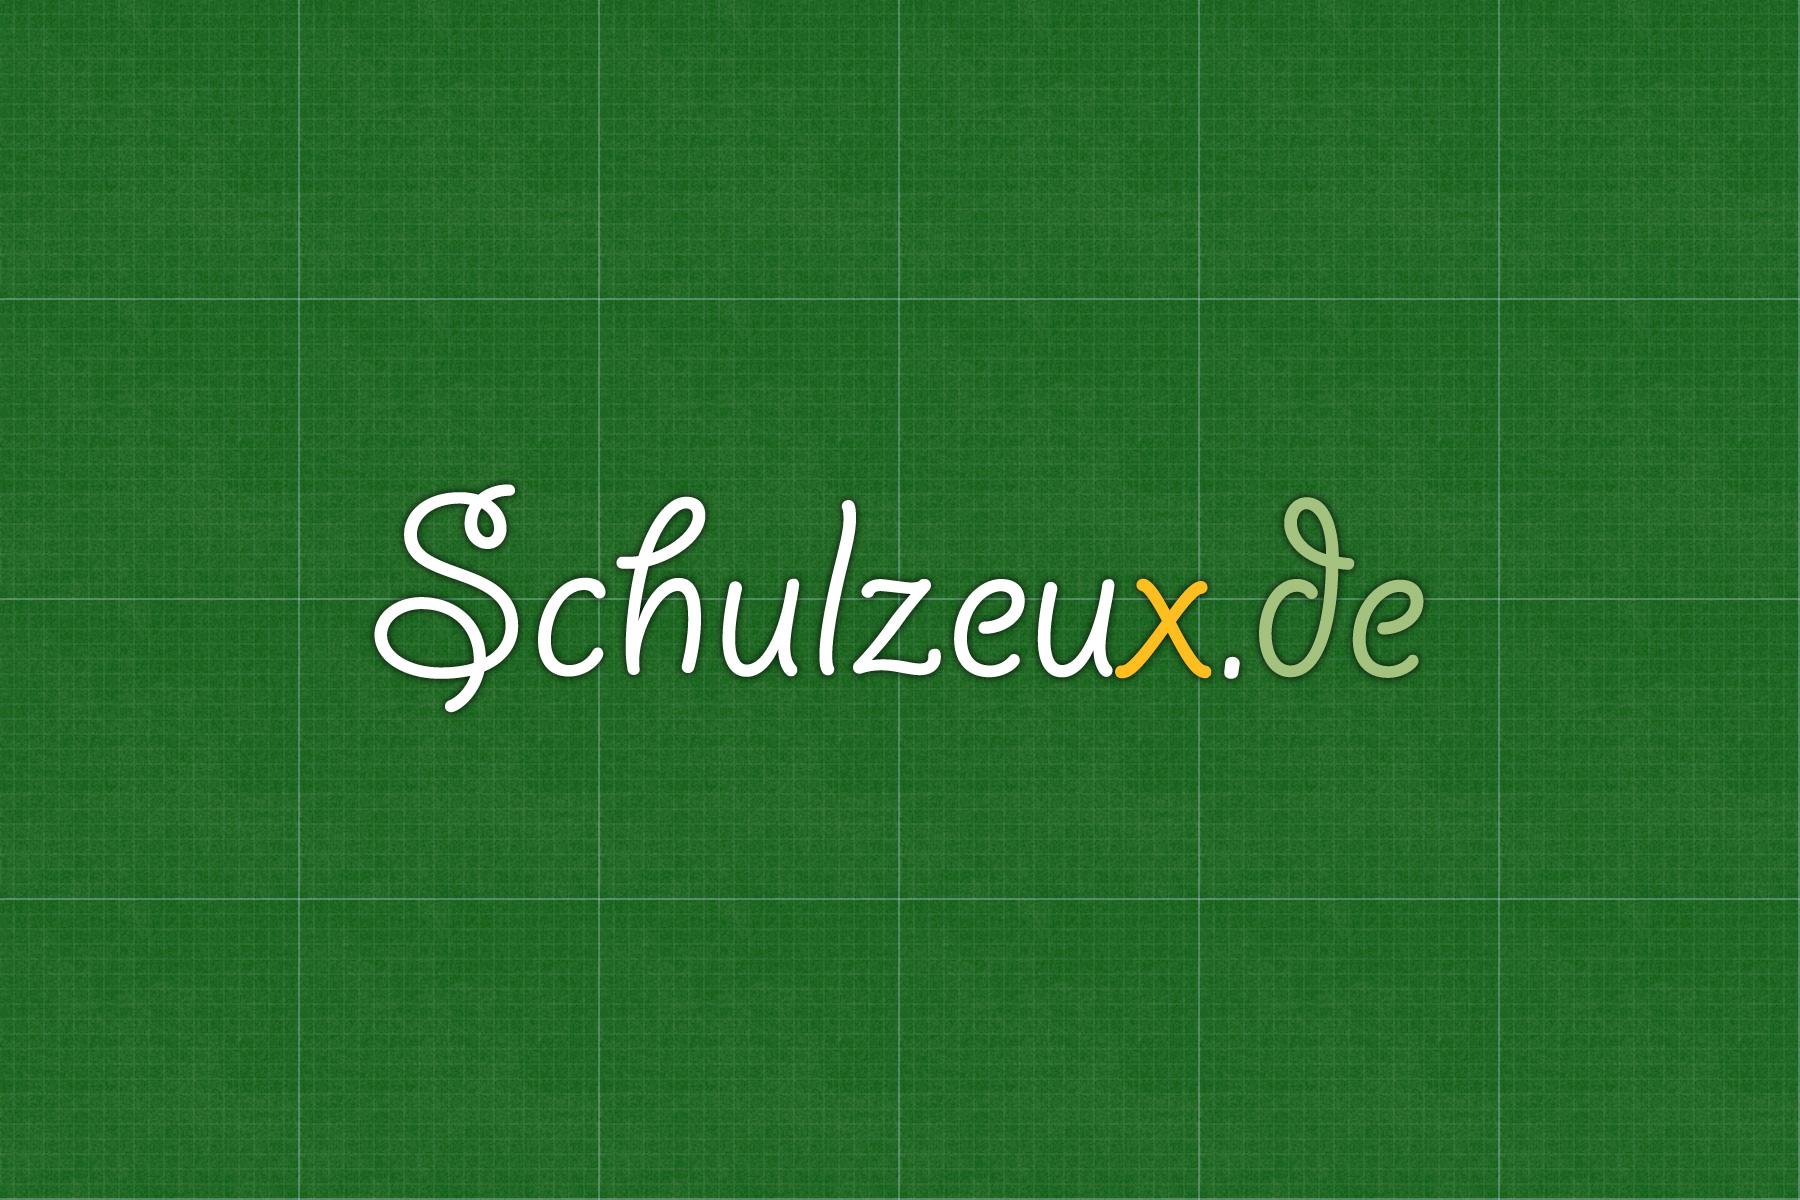 kurze erzählungen deutschunterricht